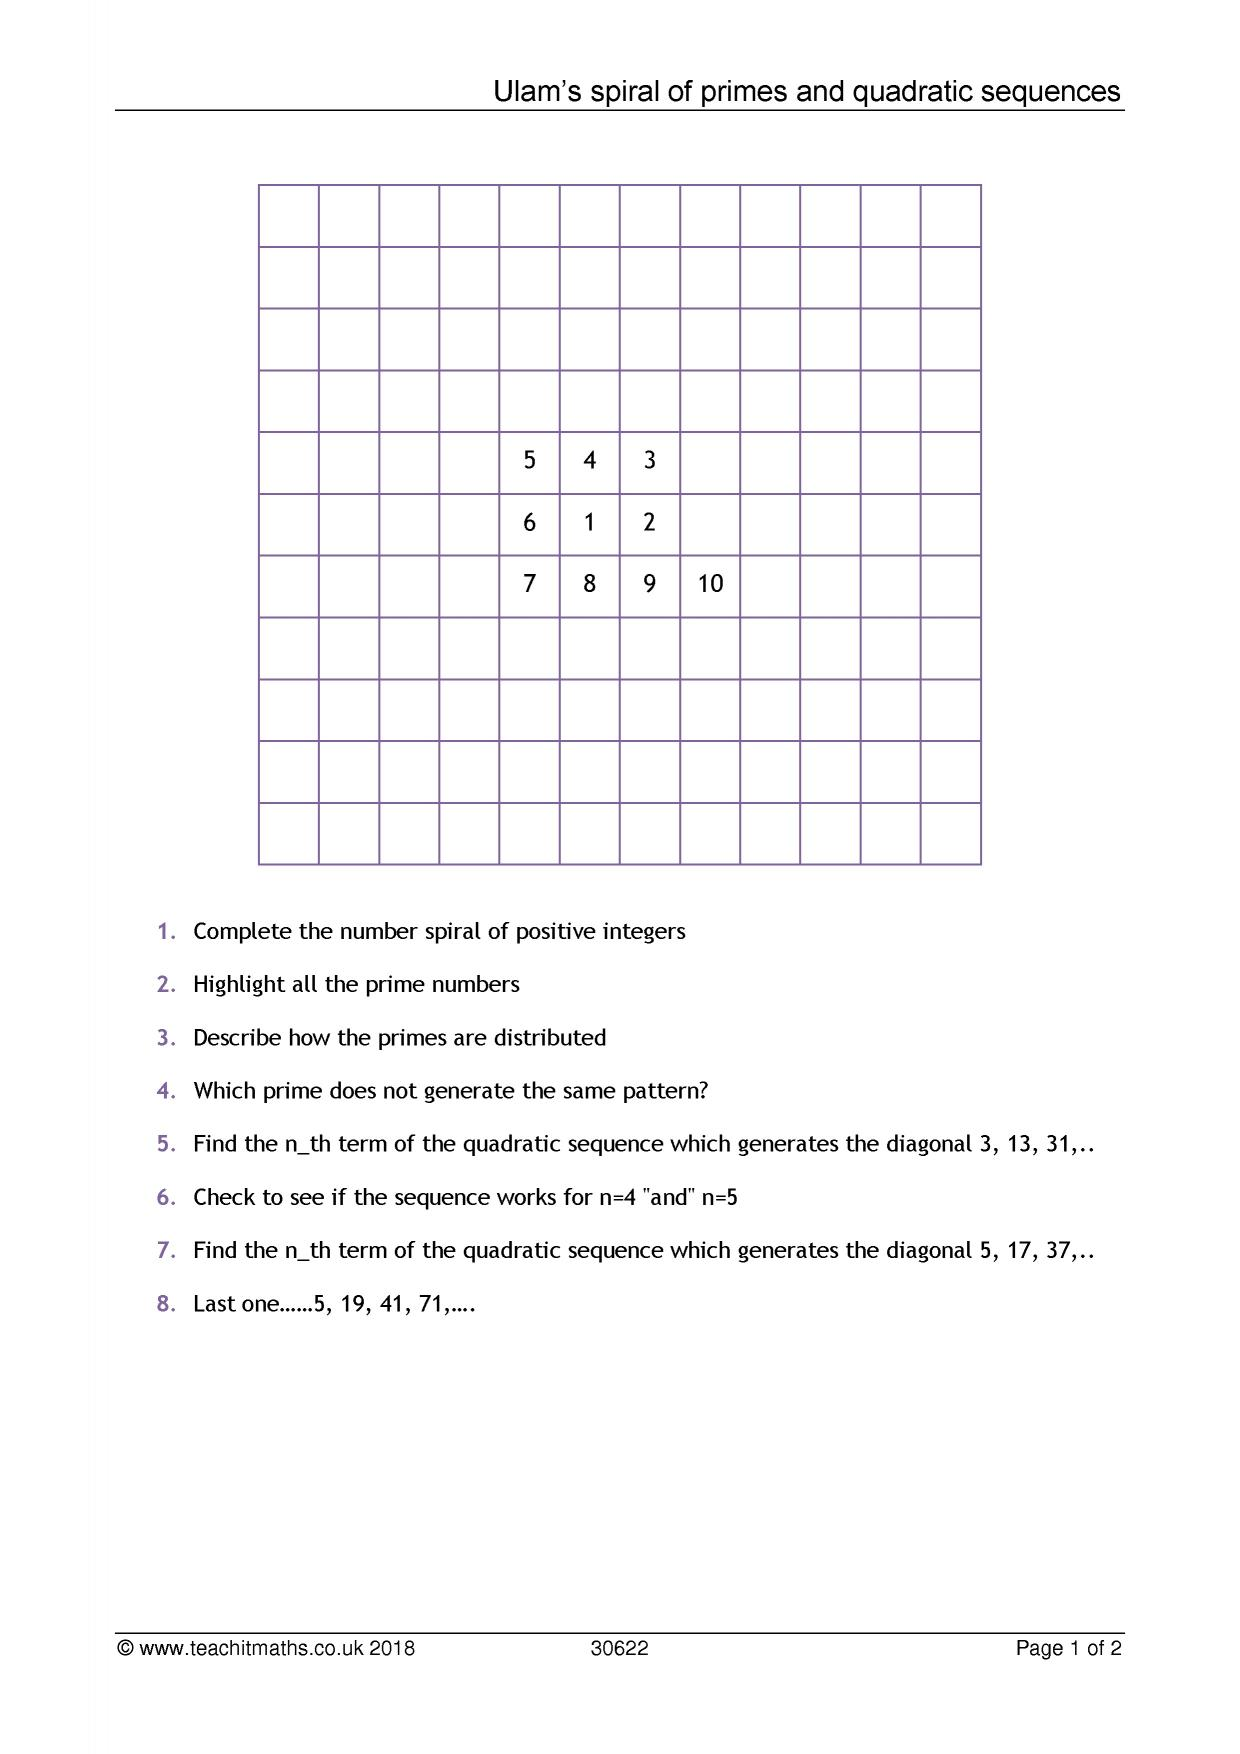 Algebra Resources Ks4 Maths Resources